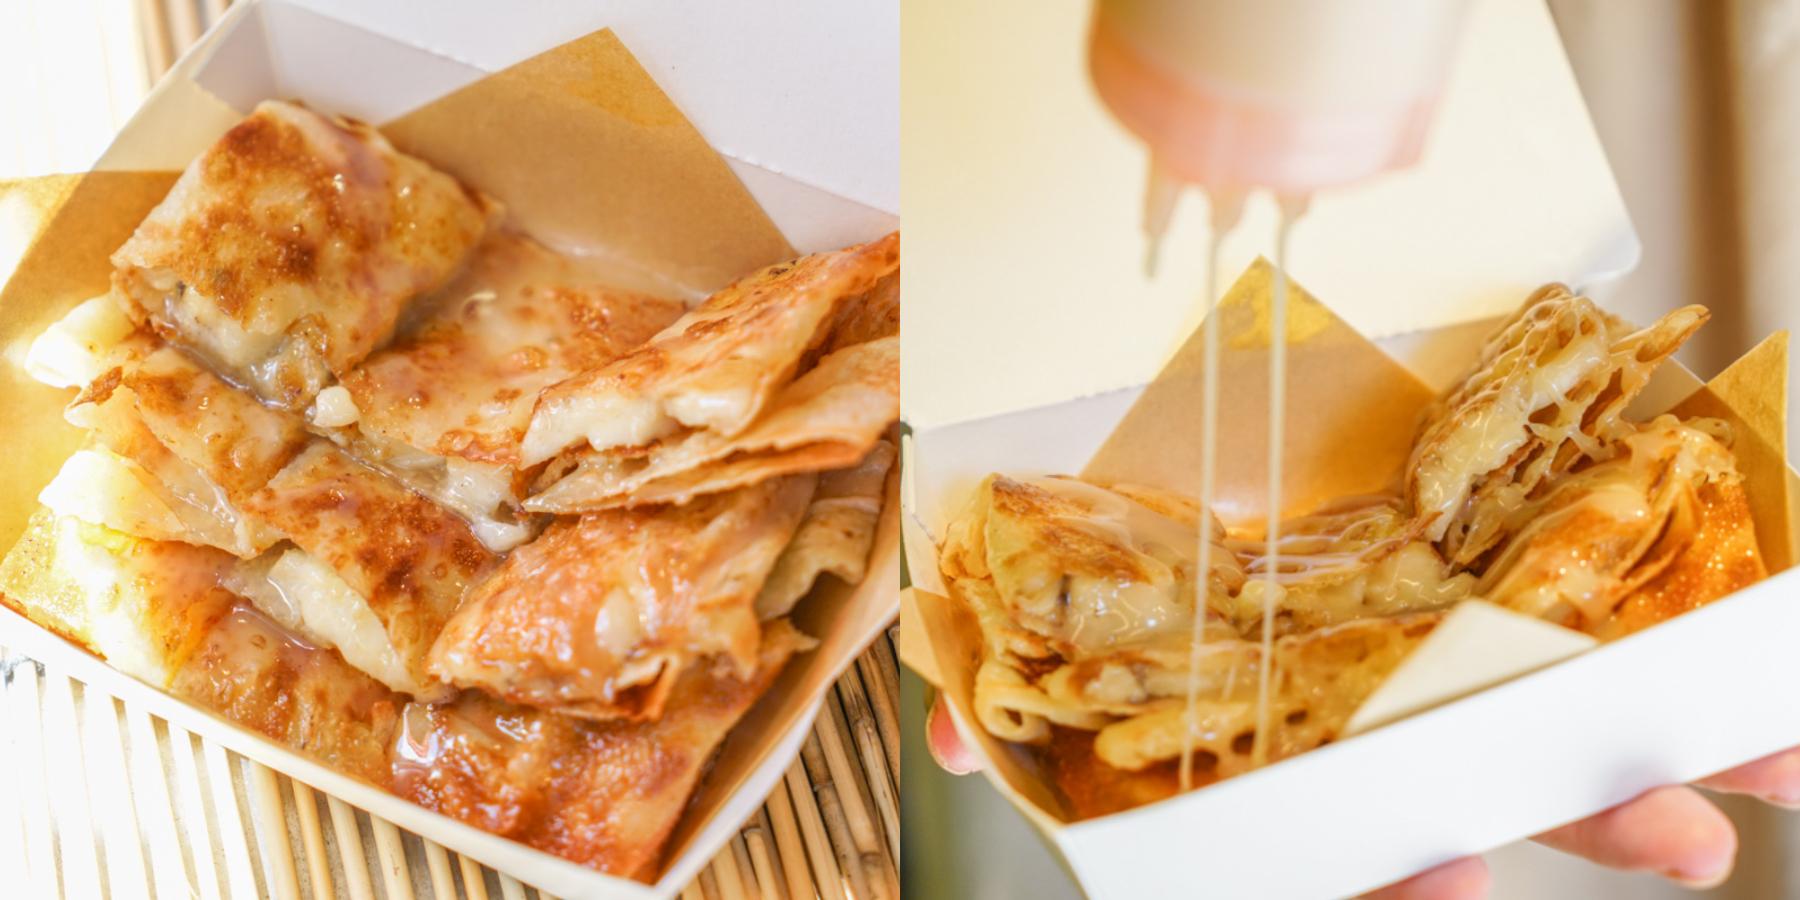 西門美食  一秒到泰國的甜蜜香蕉煎餅『太泰-Thai Thai香蕉煎餅』新菜單、西門甜點下午茶、銅板下午茶推薦 @梅格(Angelababy)享樂日記